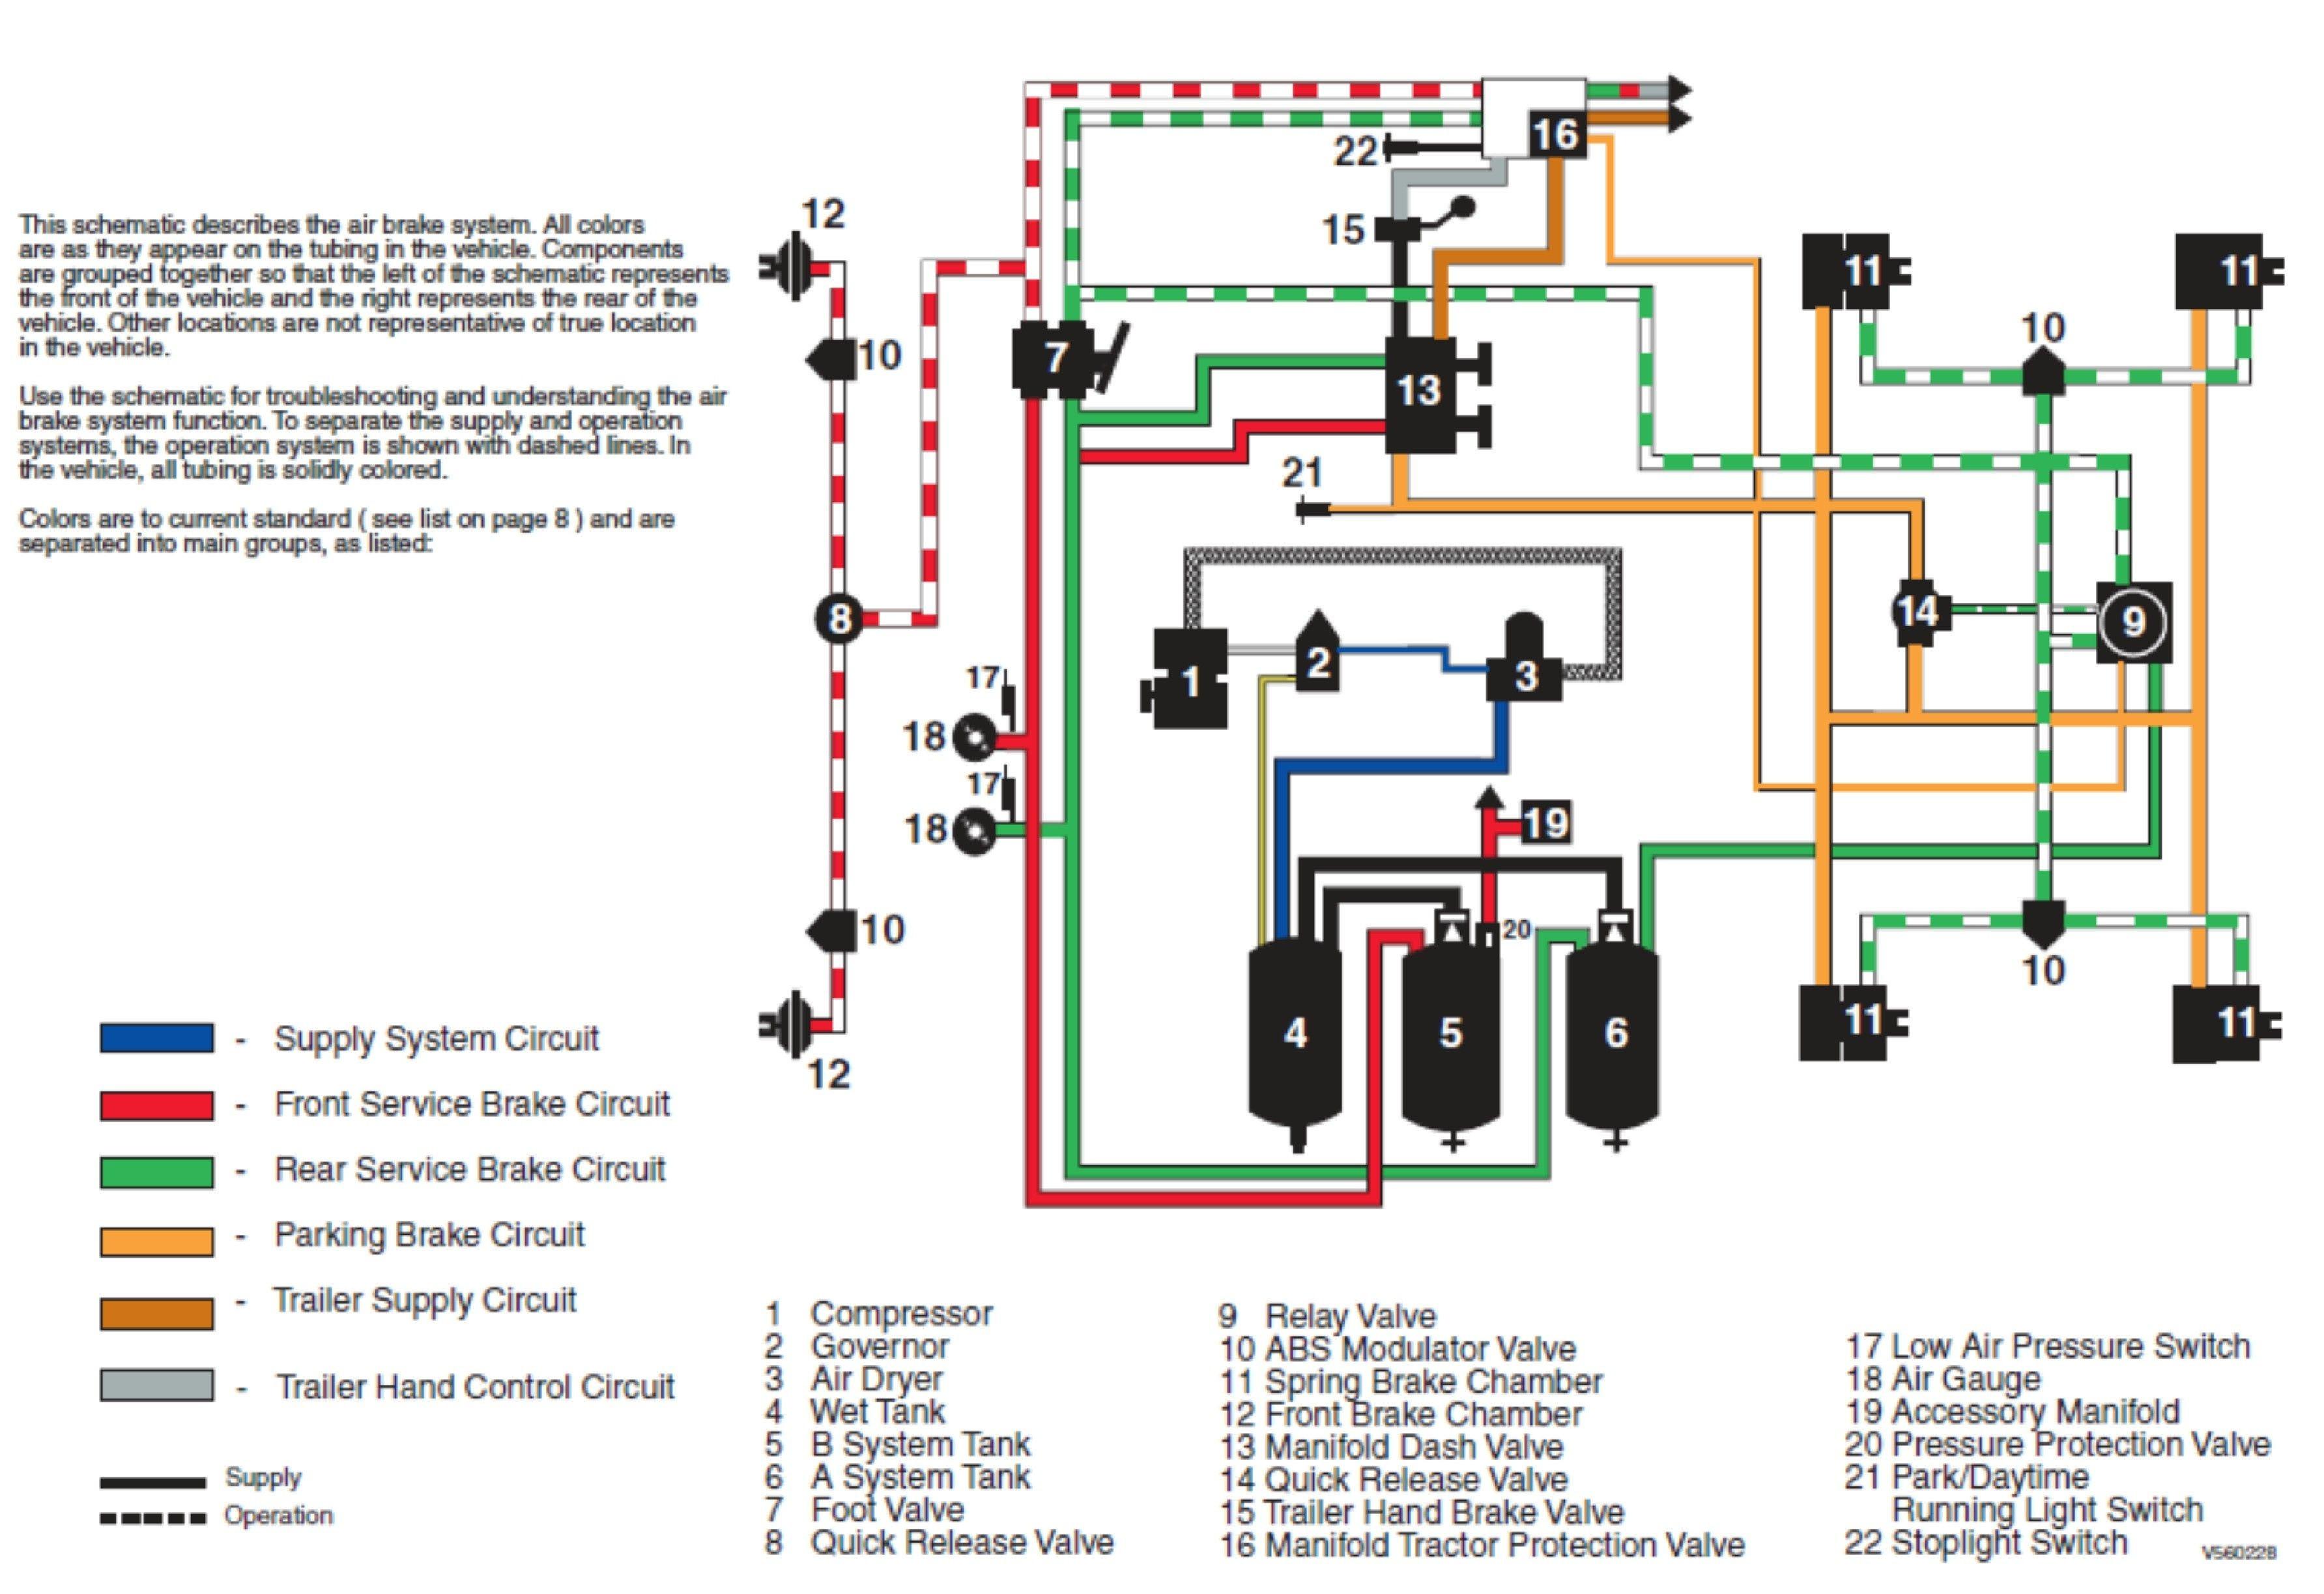 Dual Air Brake System Diagram V 1 Bendix Air Brake Diagram 3 Of Dual Air Brake System Diagram